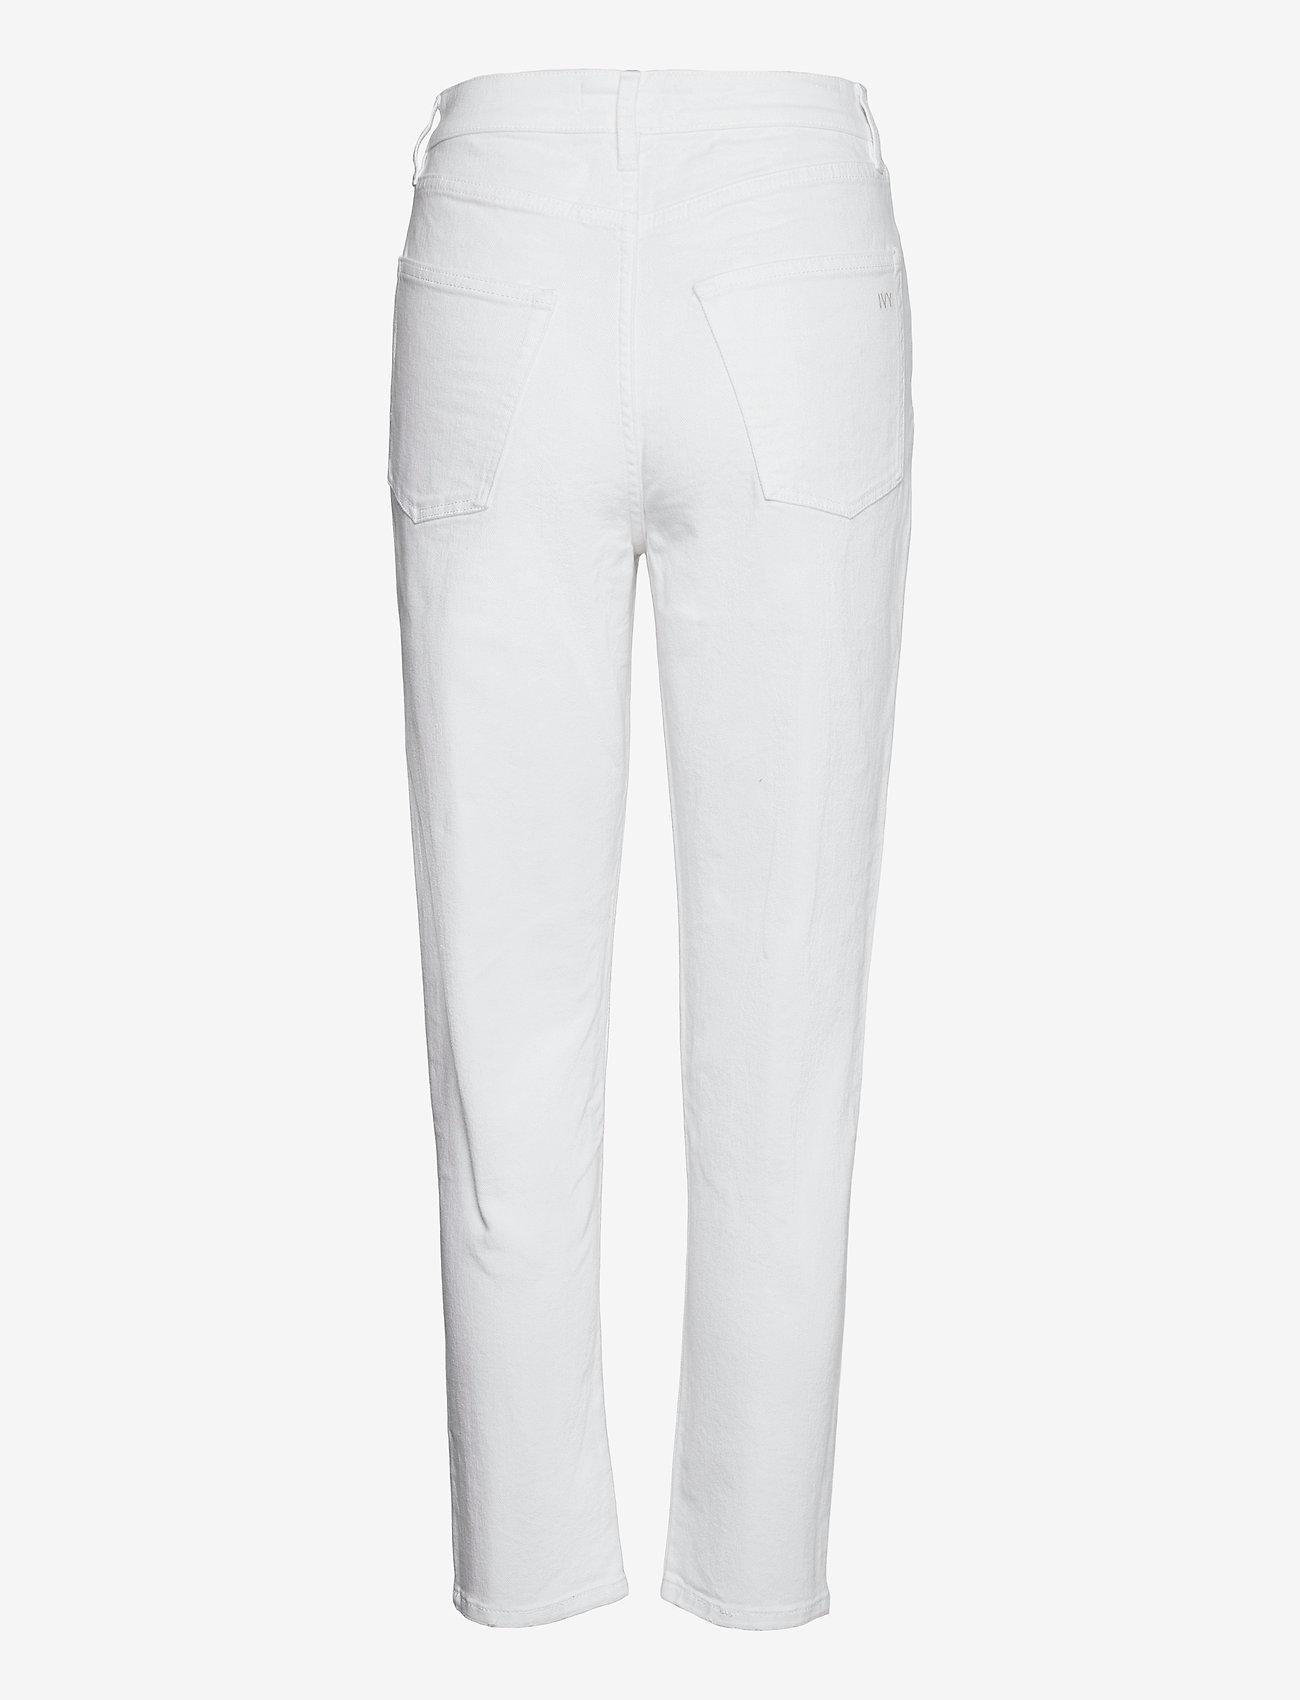 IVY Copenhagen - Angie MOM jeans white - slim fit bukser - white - 1